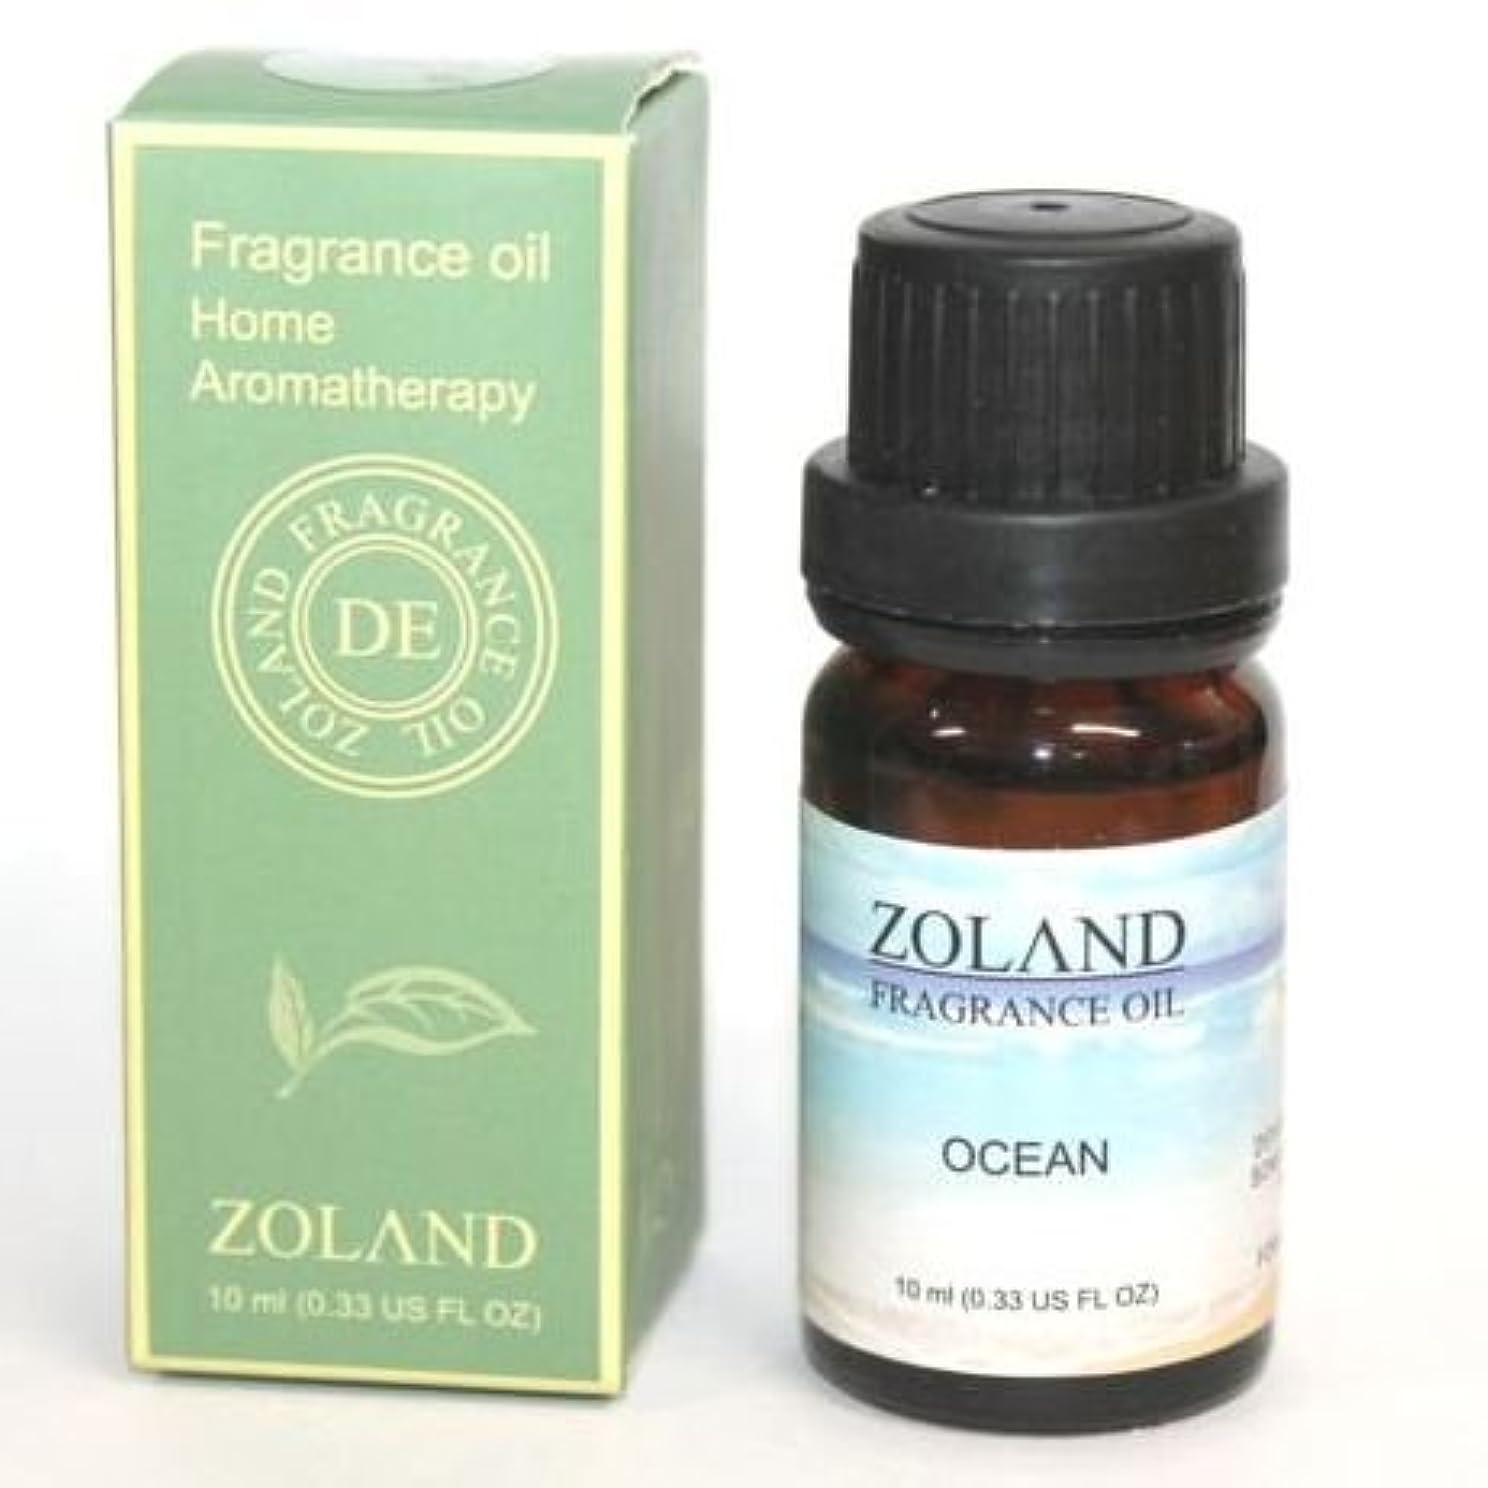 影技術者飢えZOLAND アロマオイル AROMA OIL フレグランスオイル OCEAN オーシャン 海の香り ZQ-6